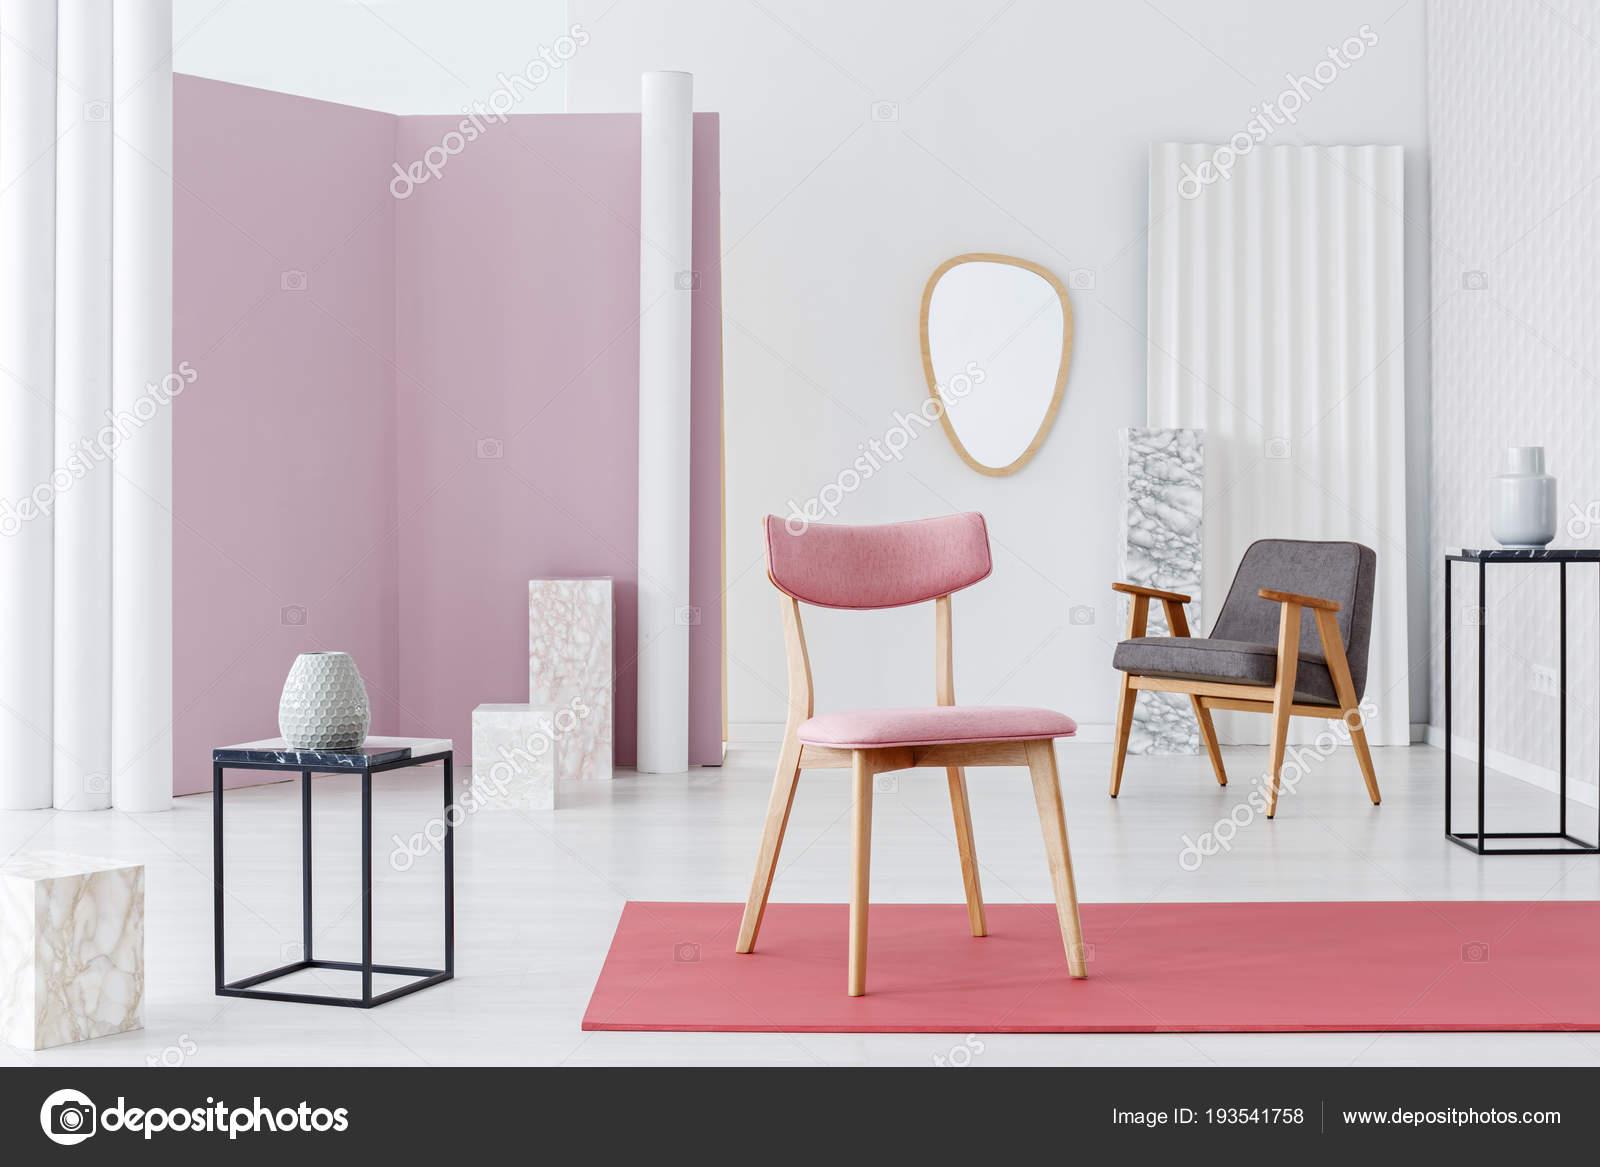 Rosa, Gepolsterter Stuhl, Moderne Sessel Und Marmor Würfel Dekorationen In  Einem Weißen Edel Und Luxuriös Wohnzimmer Interieur Mit Minimalistischem  Design ...